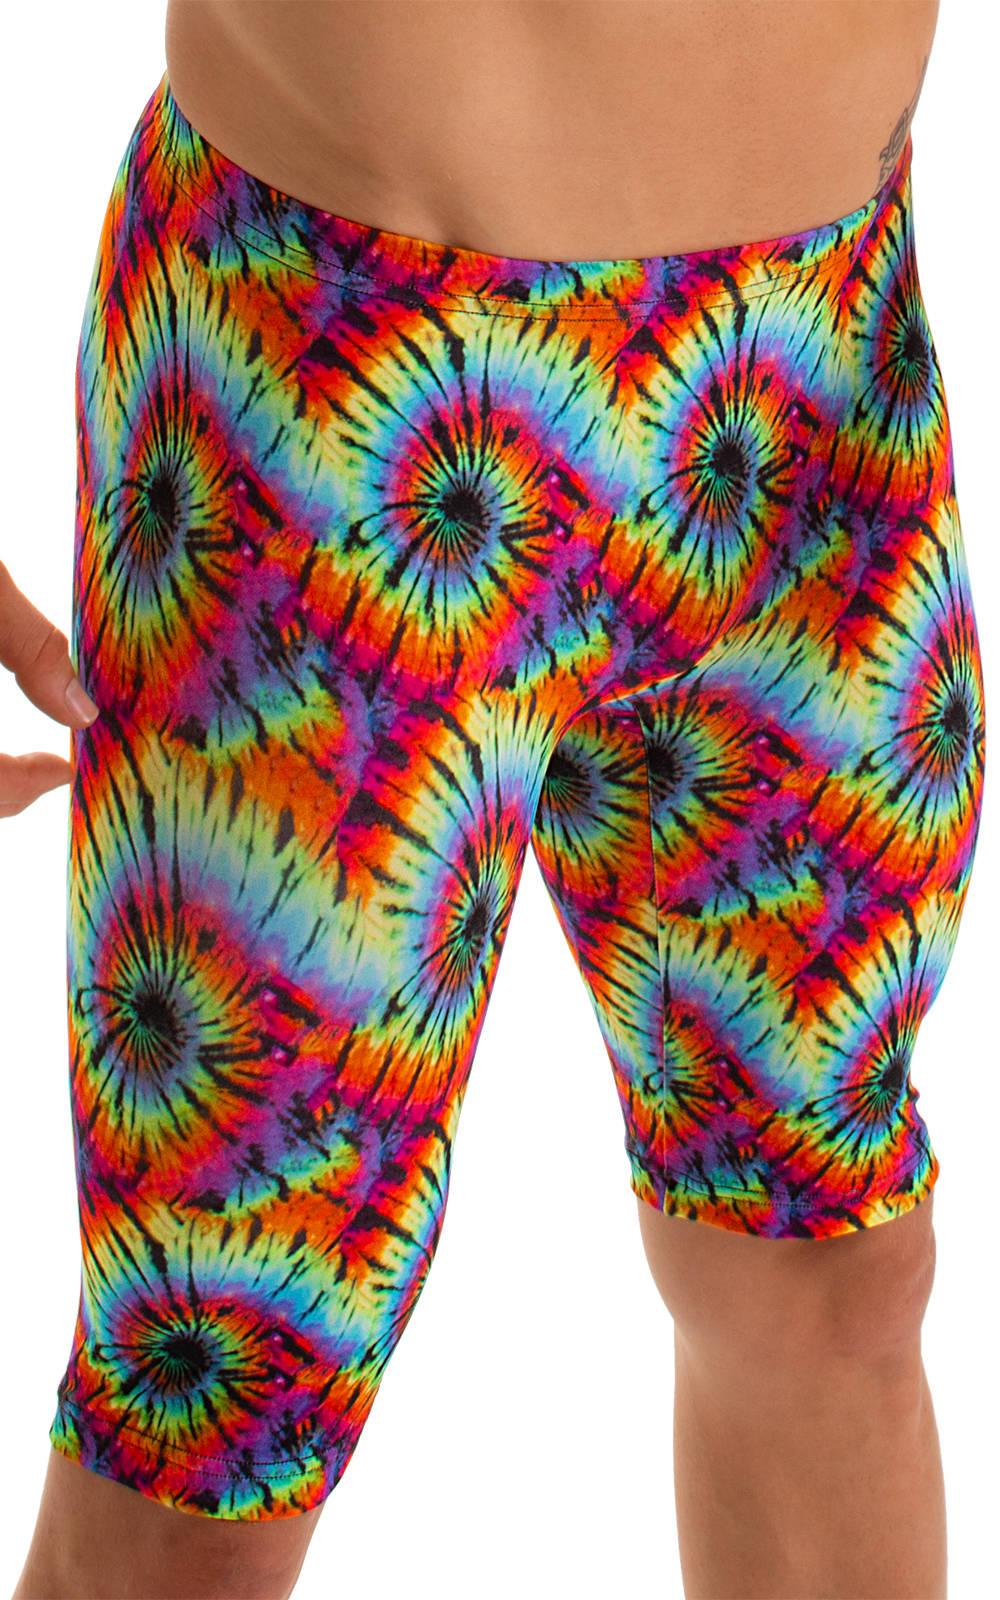 Lycra Bike Length Shorts in Classic Tie Dye 3